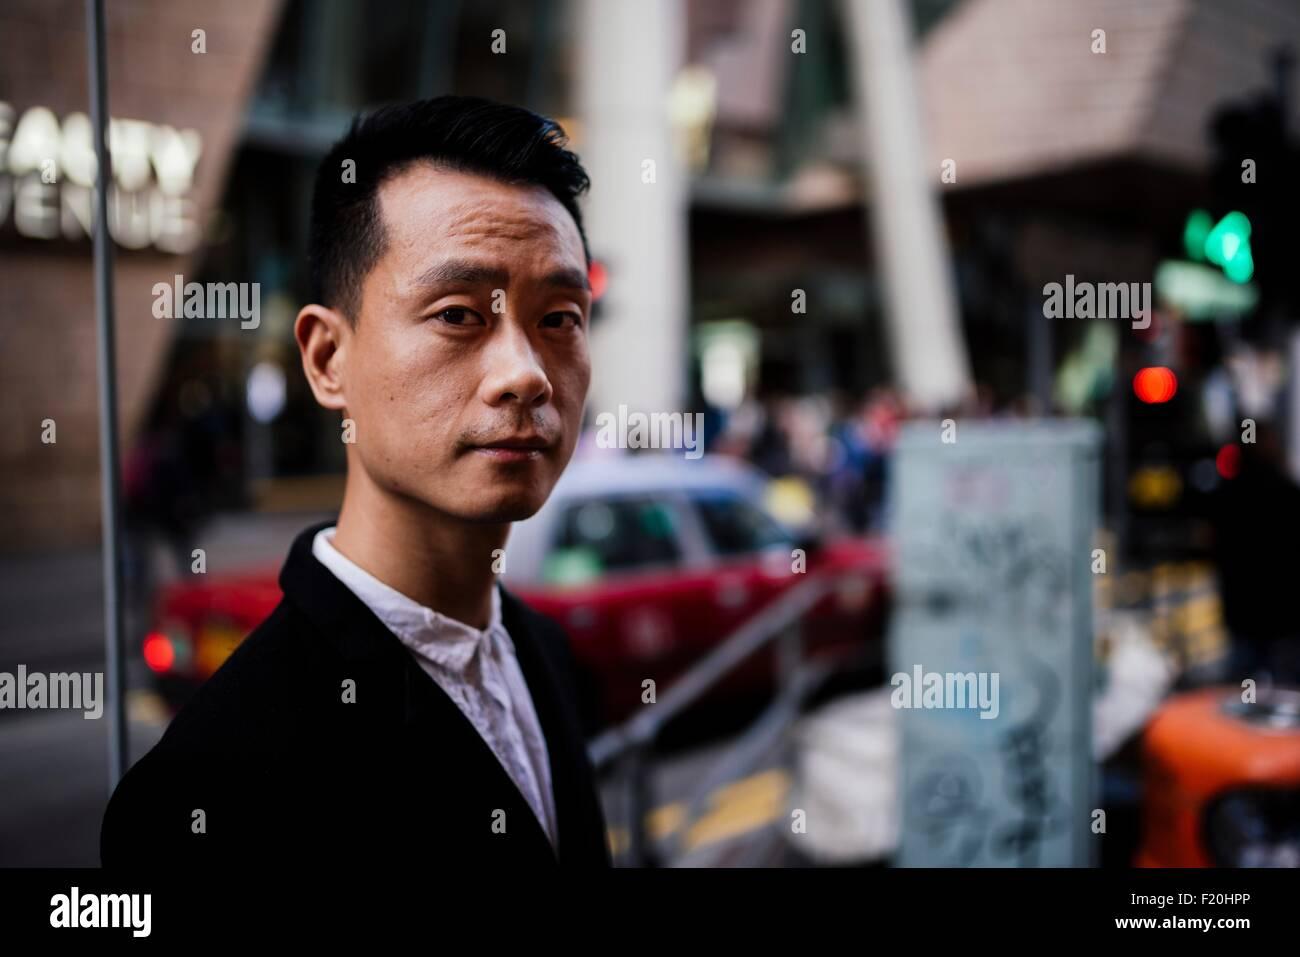 Retrato de mediados adulto hombre vestido con camisa y traje chaqueta, mirando a la cámara Foto de stock